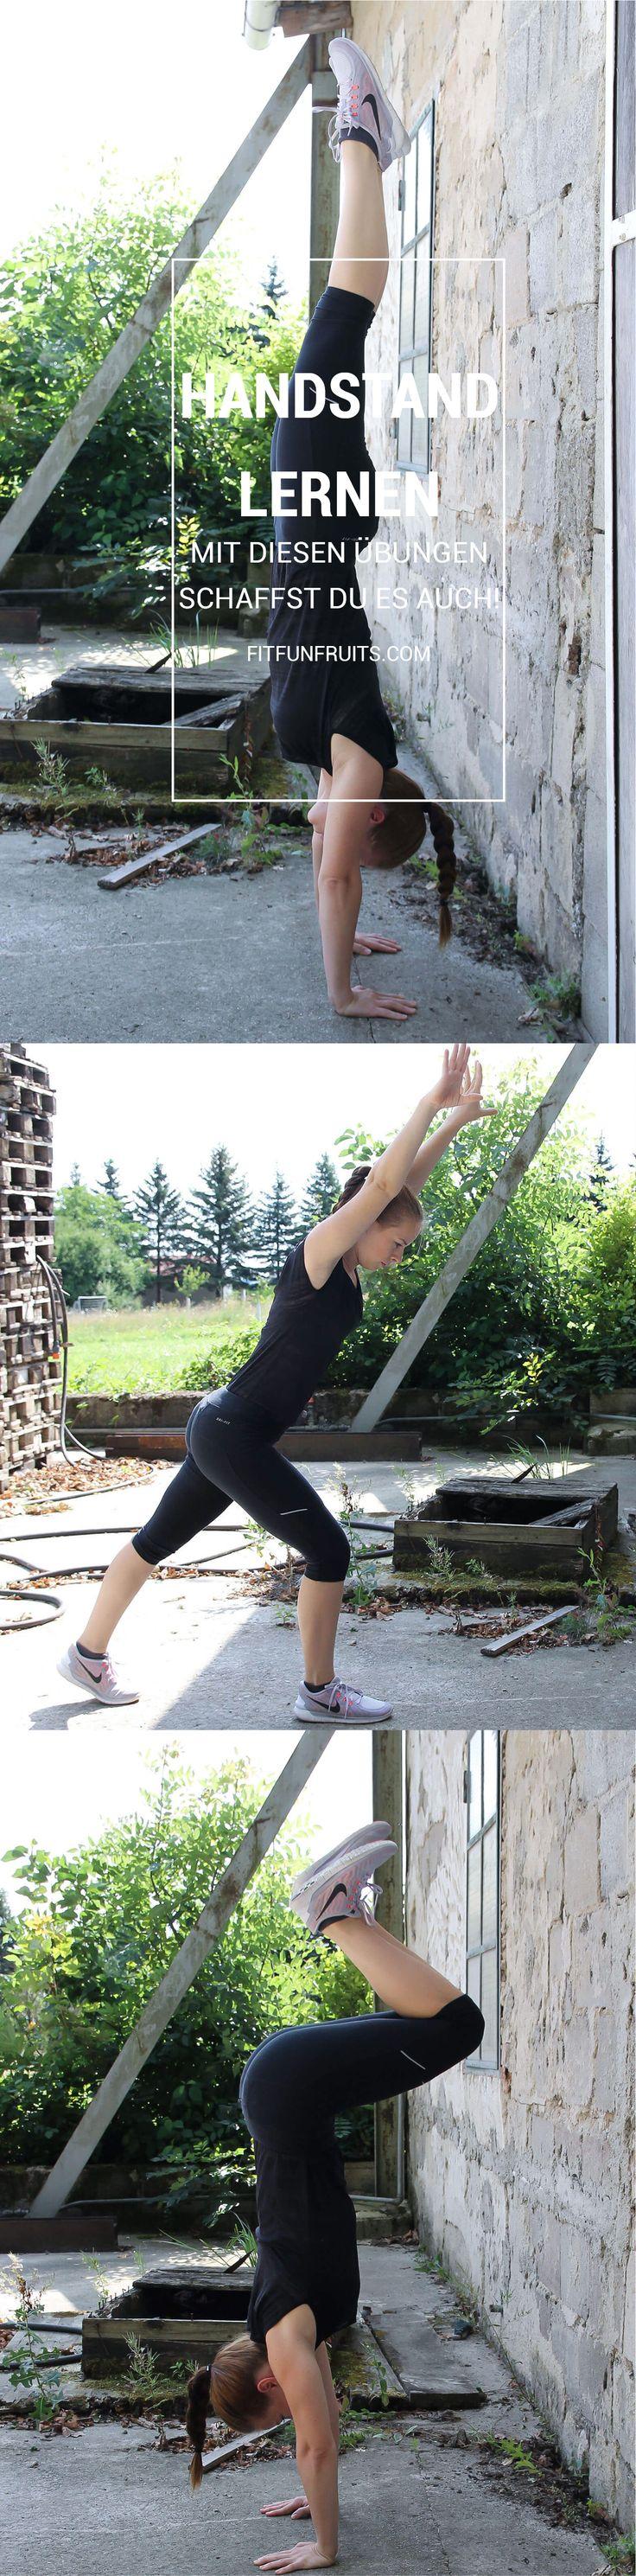 Handstand lernen - so einfach war es noch nie. Mit diesen Übungen schaffst du es auch!